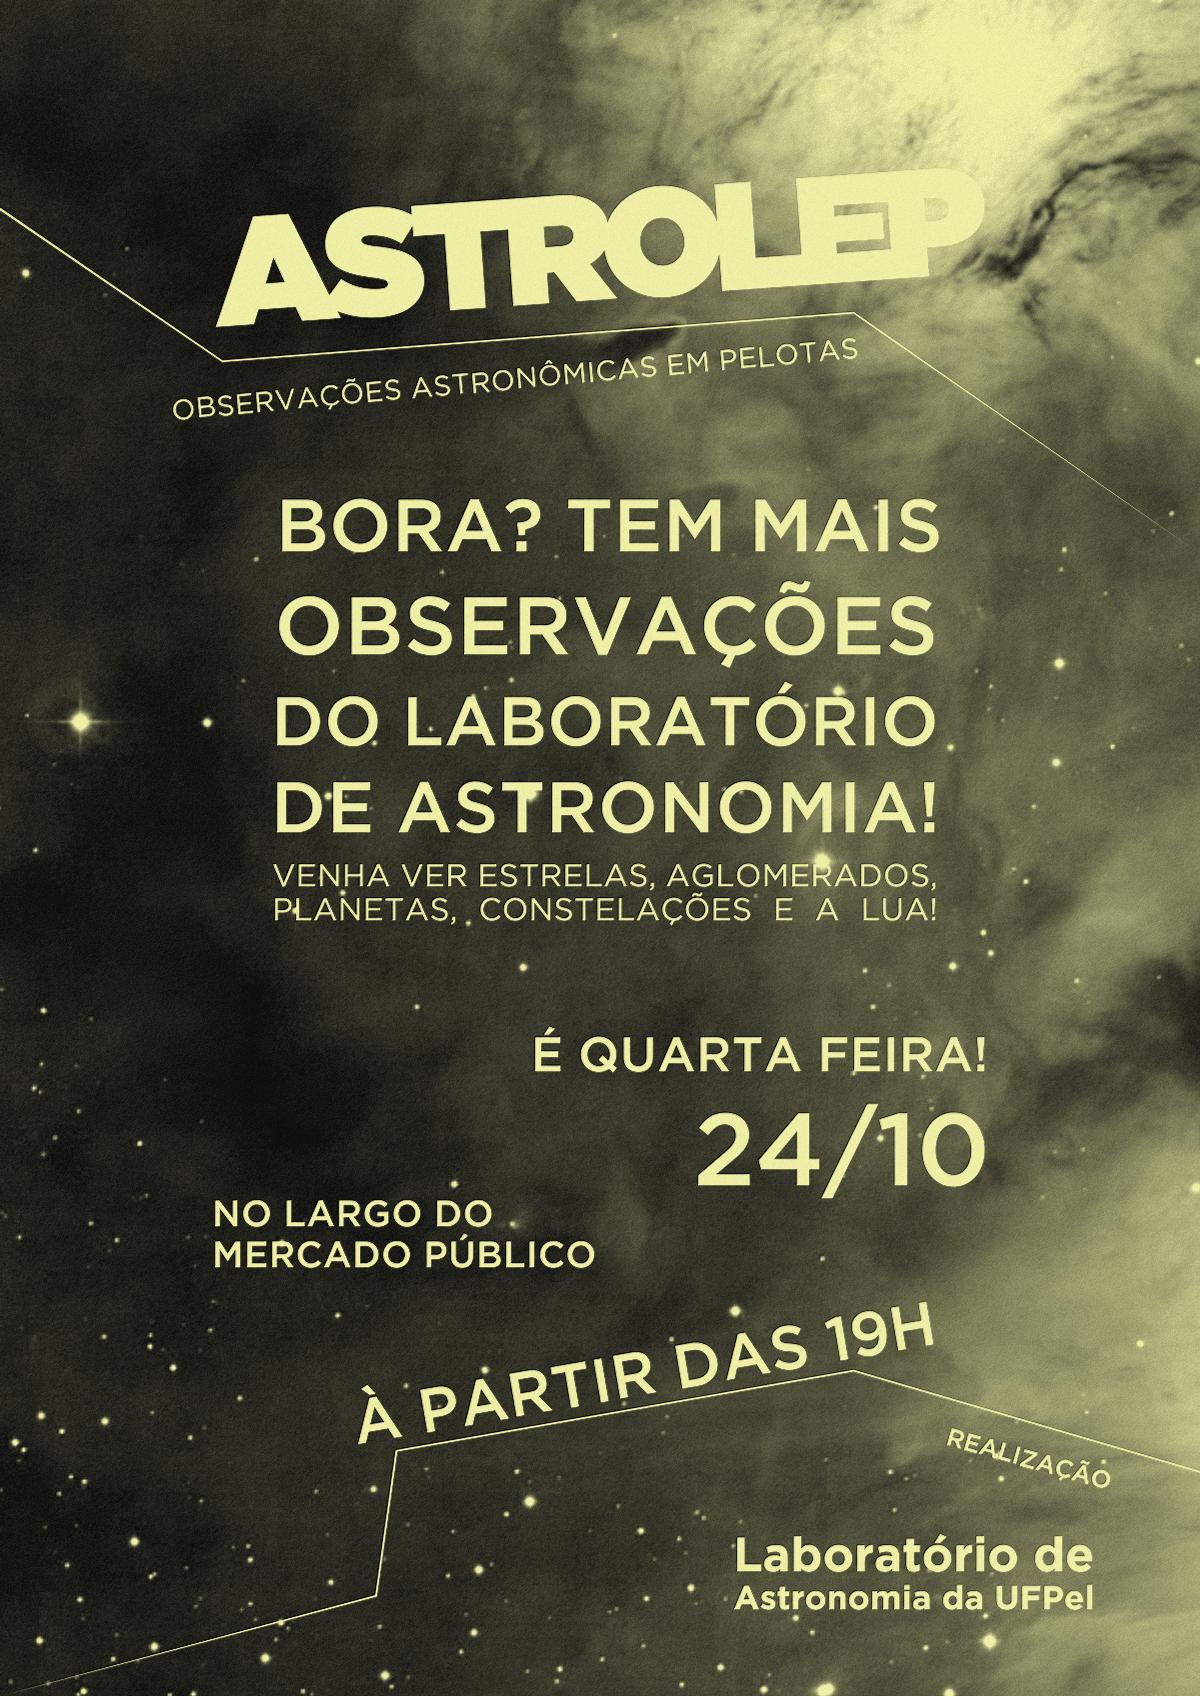 Obervação Astronômica Pública! É quarta-feira!